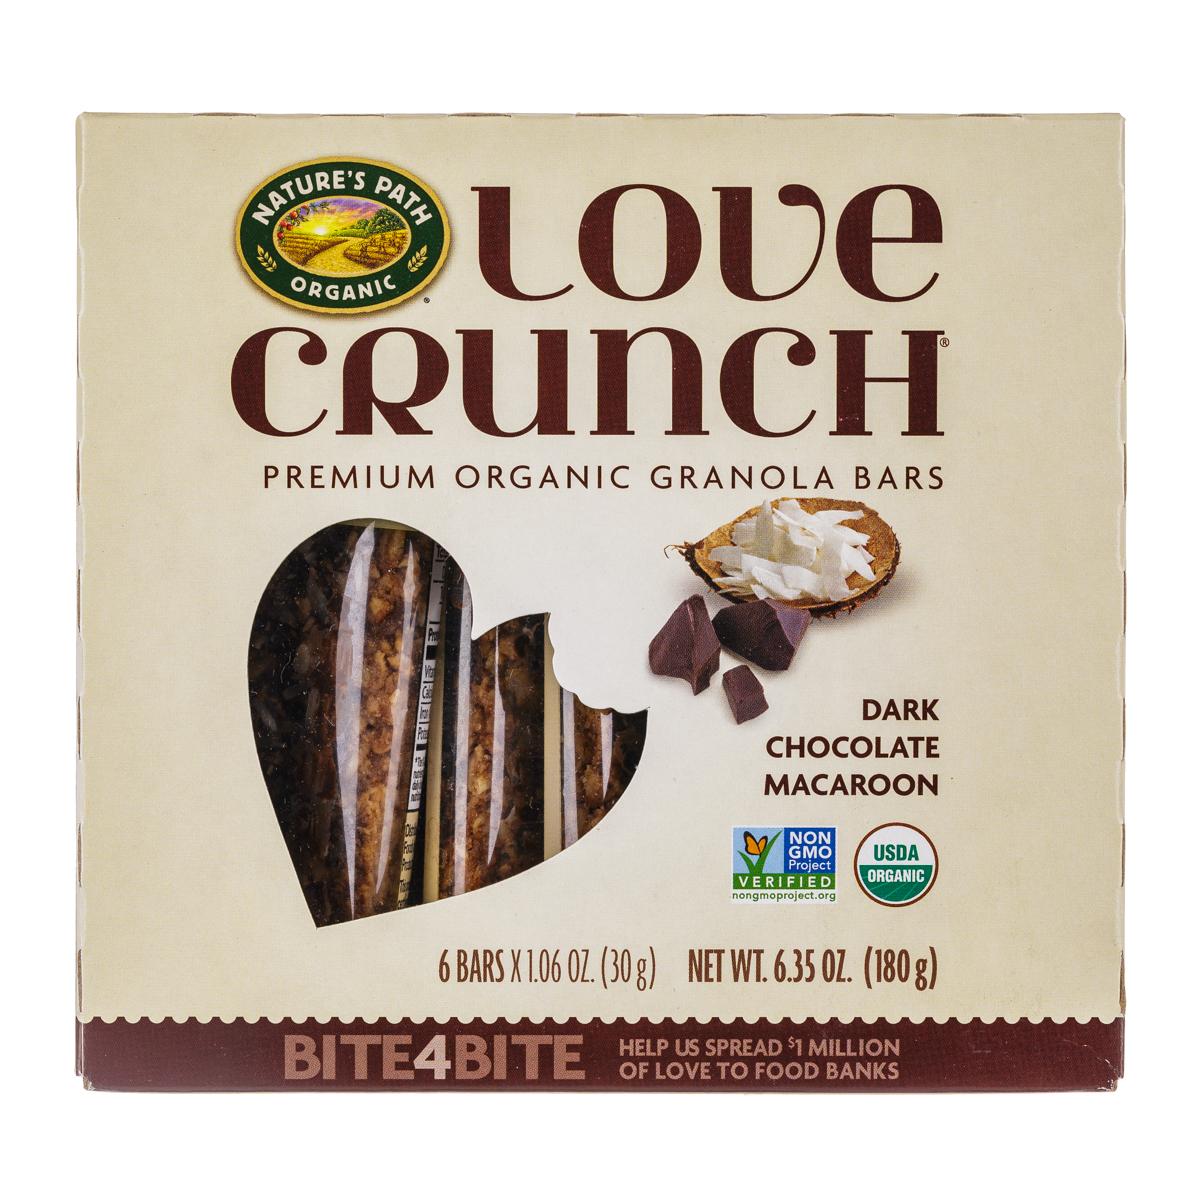 Dark Chocolate Macaroon Granola Bars